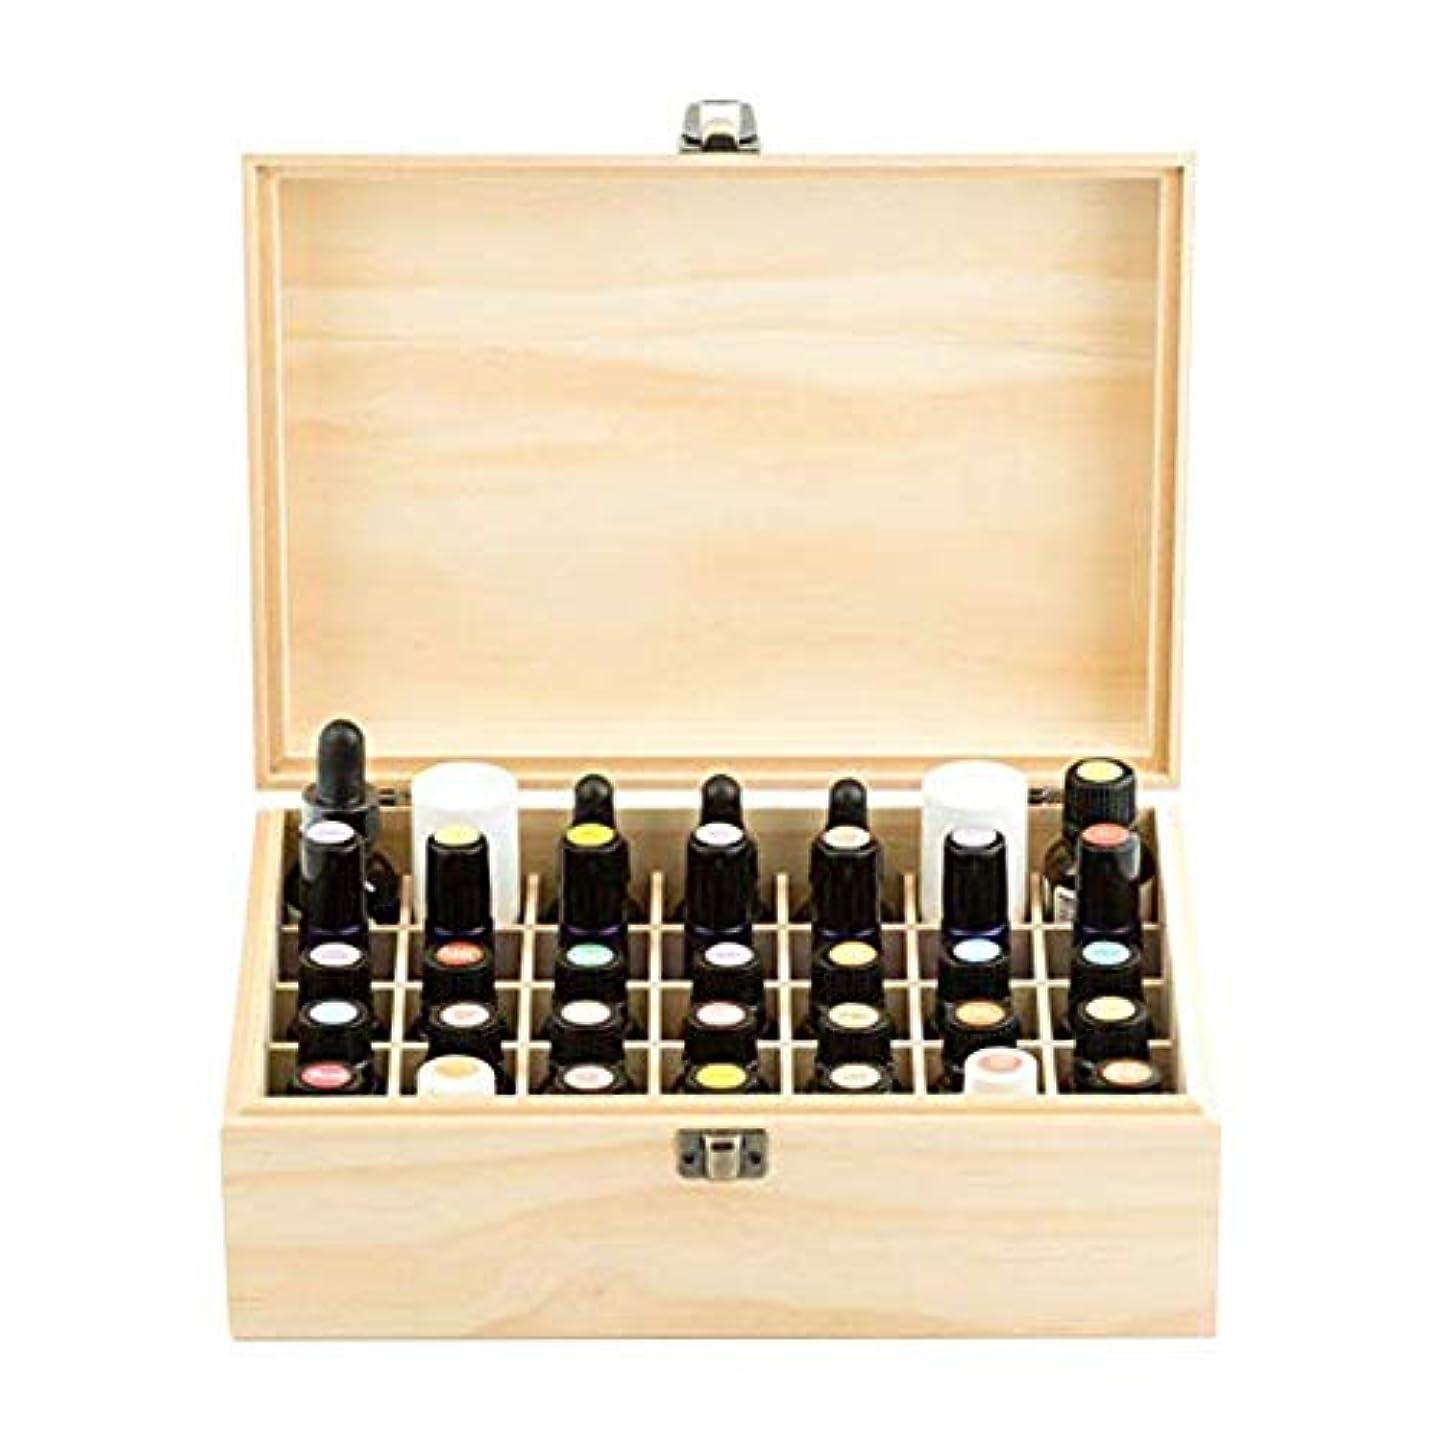 栄光果てしないそっと精油収納ケース エッセンシャルオイル収納ボックス 木製 コンパートメント木箱 35本入り 5ml?10ml?15mlのボルトに適用 junexi